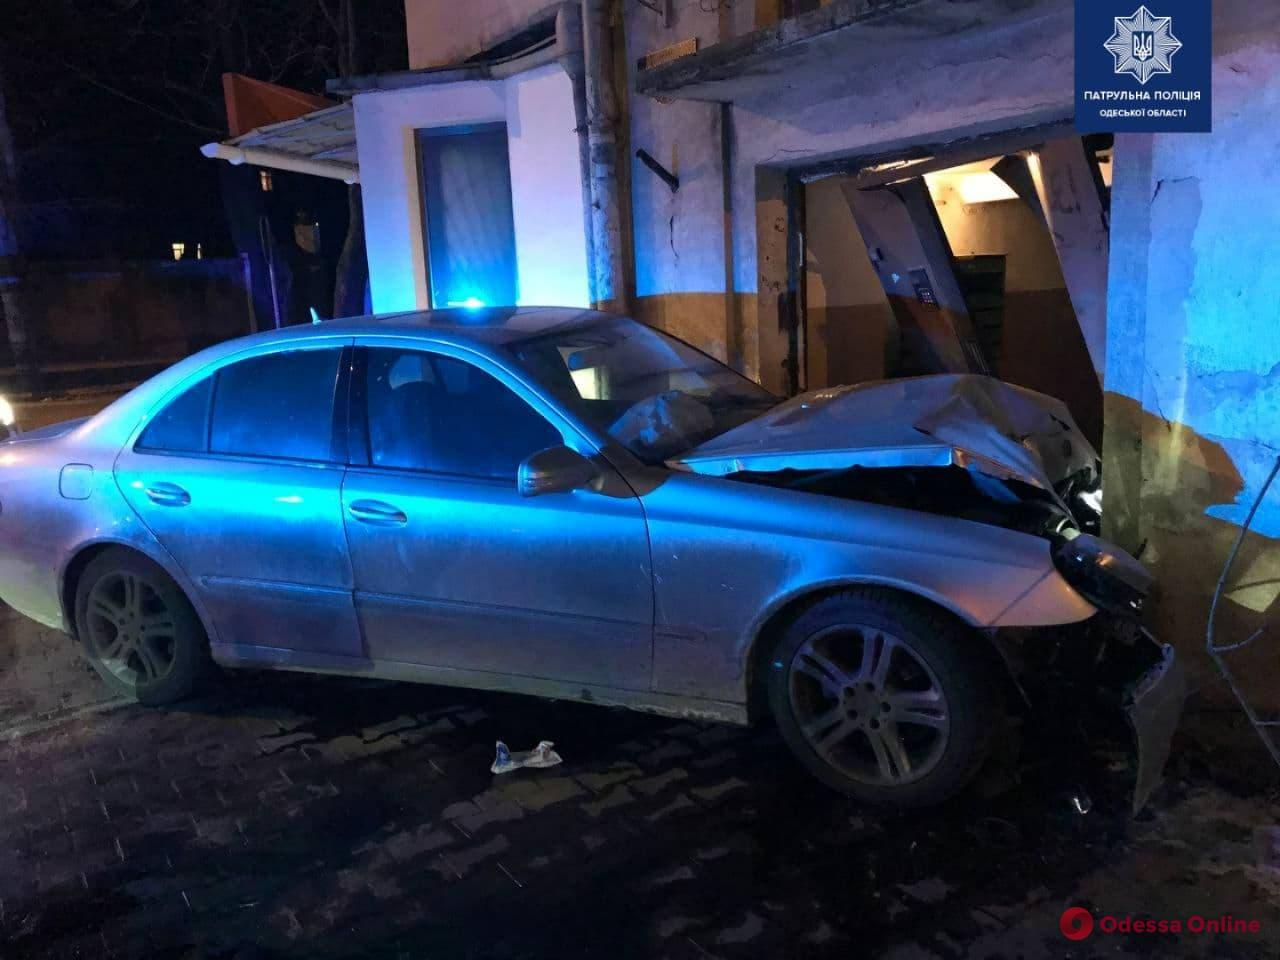 Пьяный за рулем: на Пироговской Mercedes врезался в дом (фото)